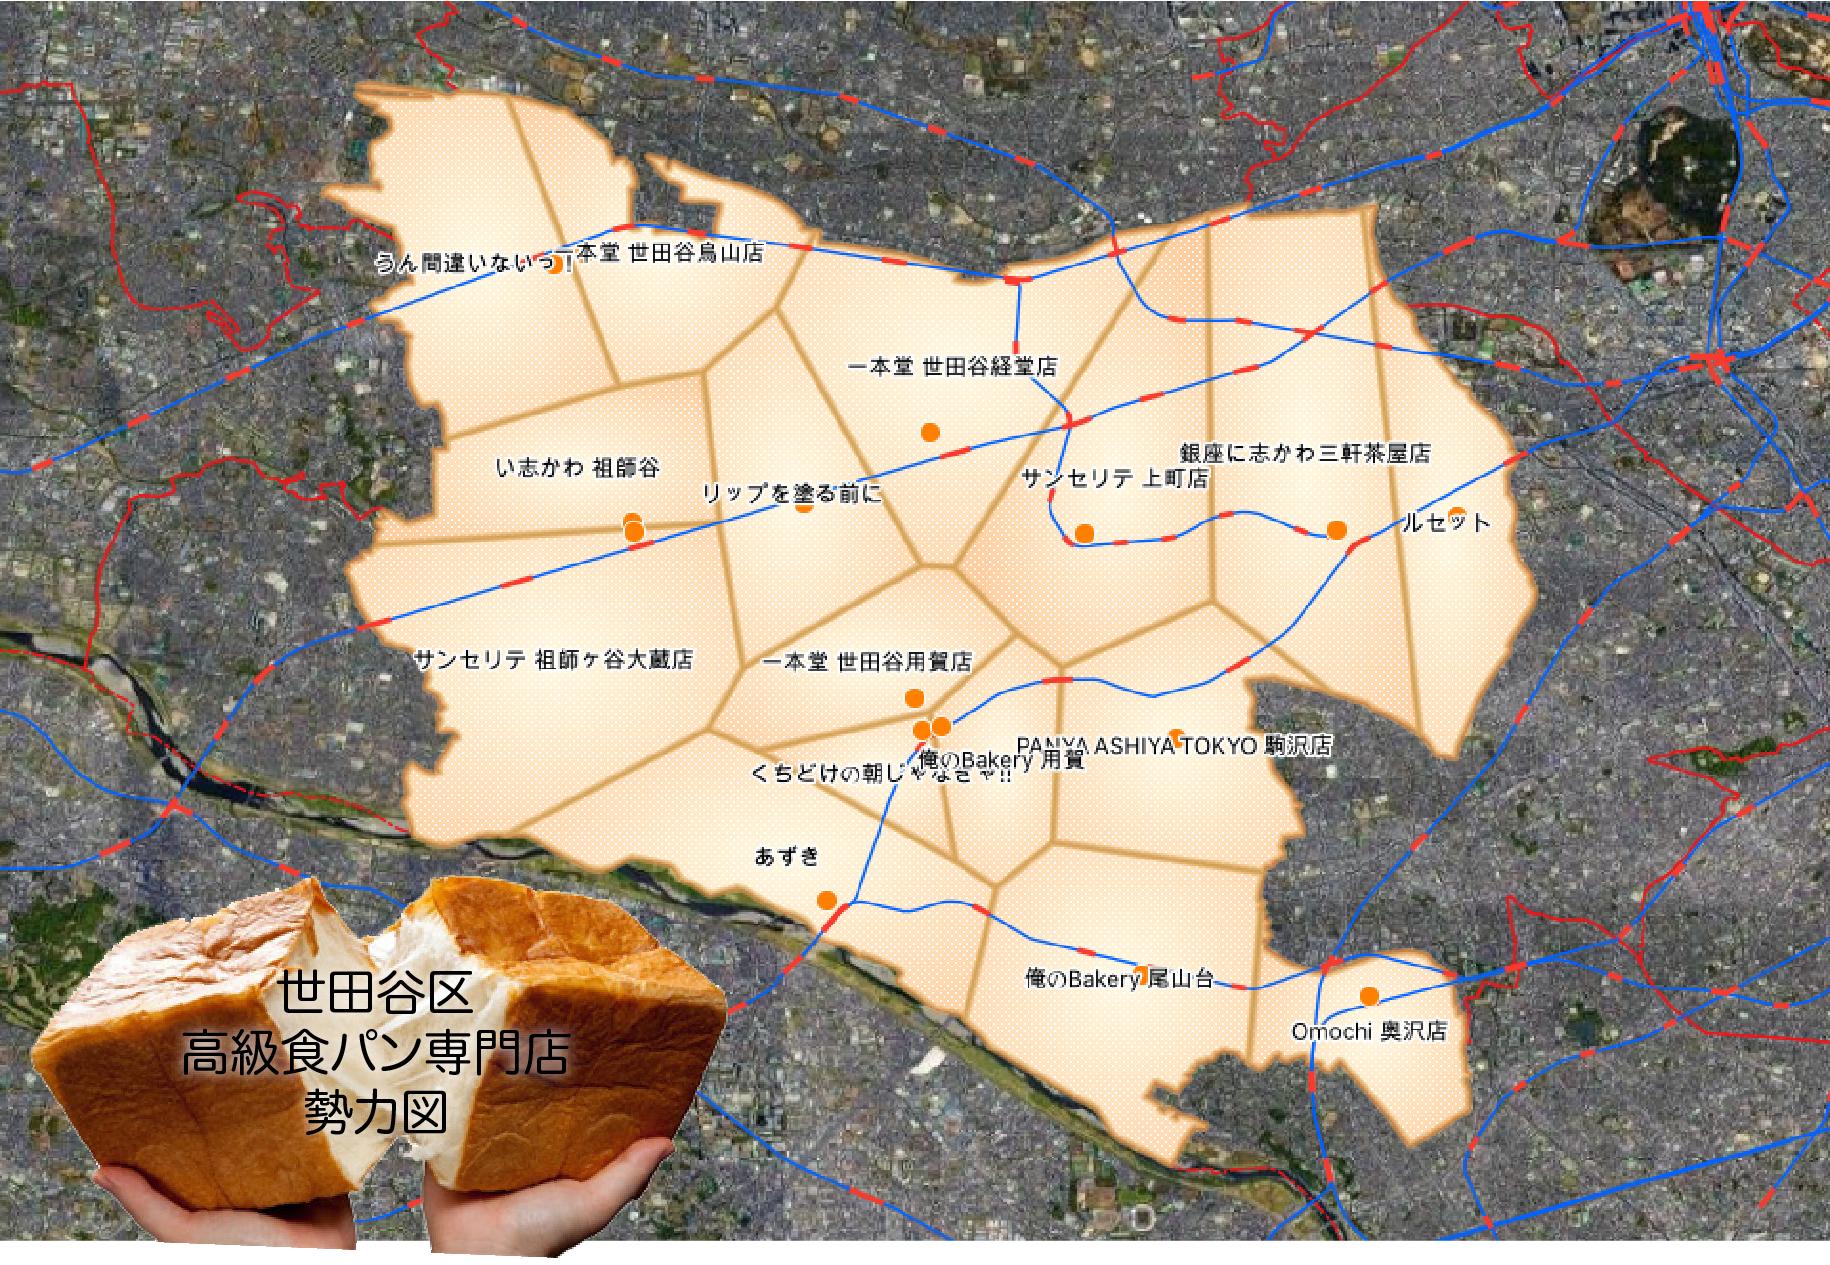 【終了しました】12月19日(土)都市計画コンサルタントが教えるオンラインGIS研修(初中級編・半日コース)